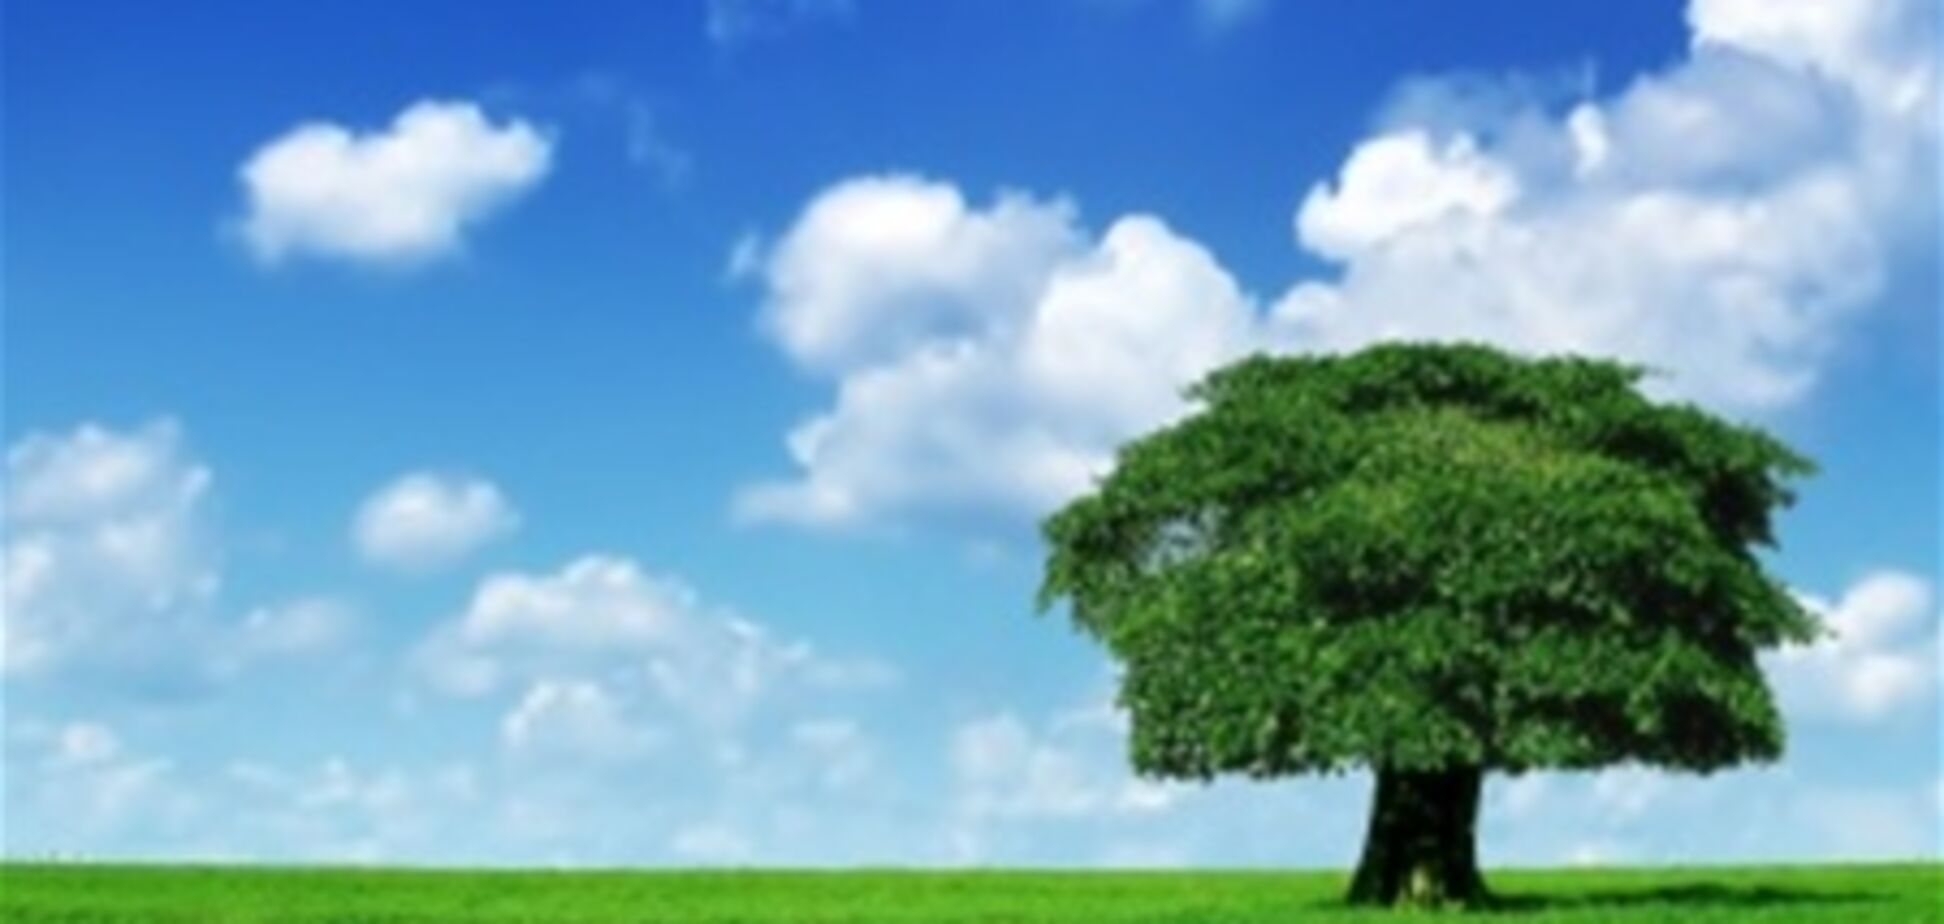 Рецепт Буратино: закопал кеды - выросло дерево